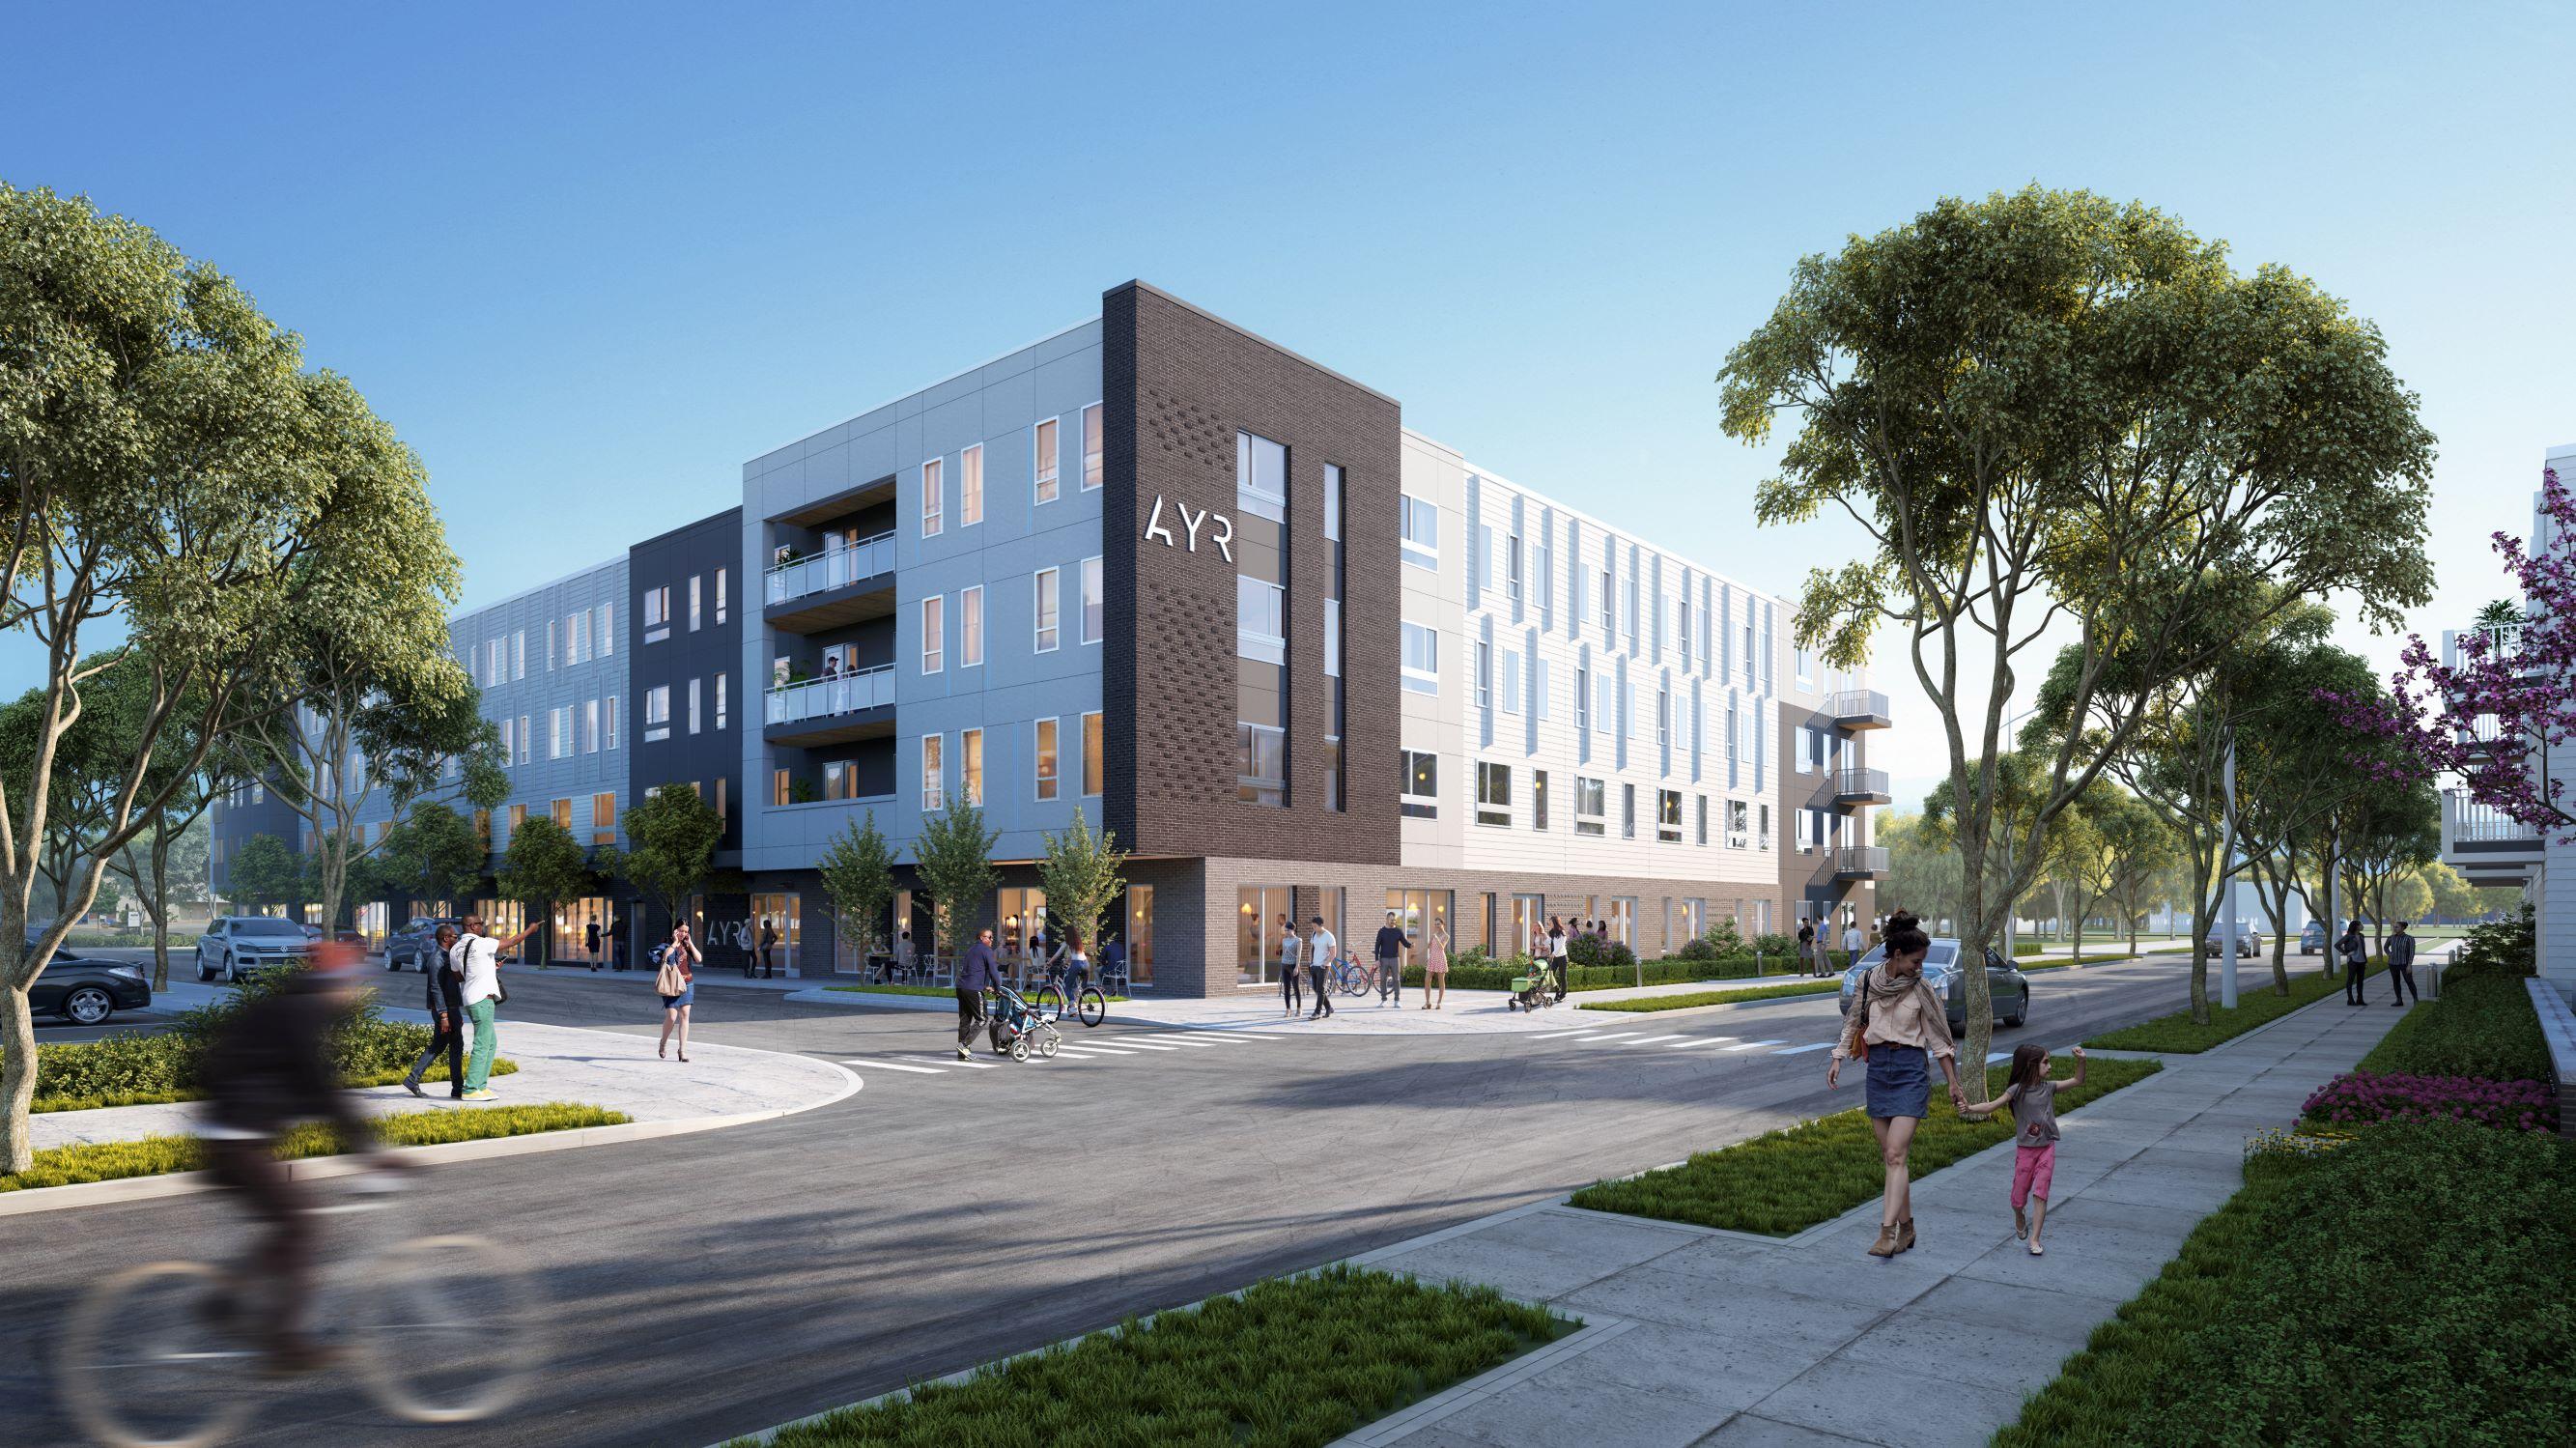 Glendale Town Center - AYR